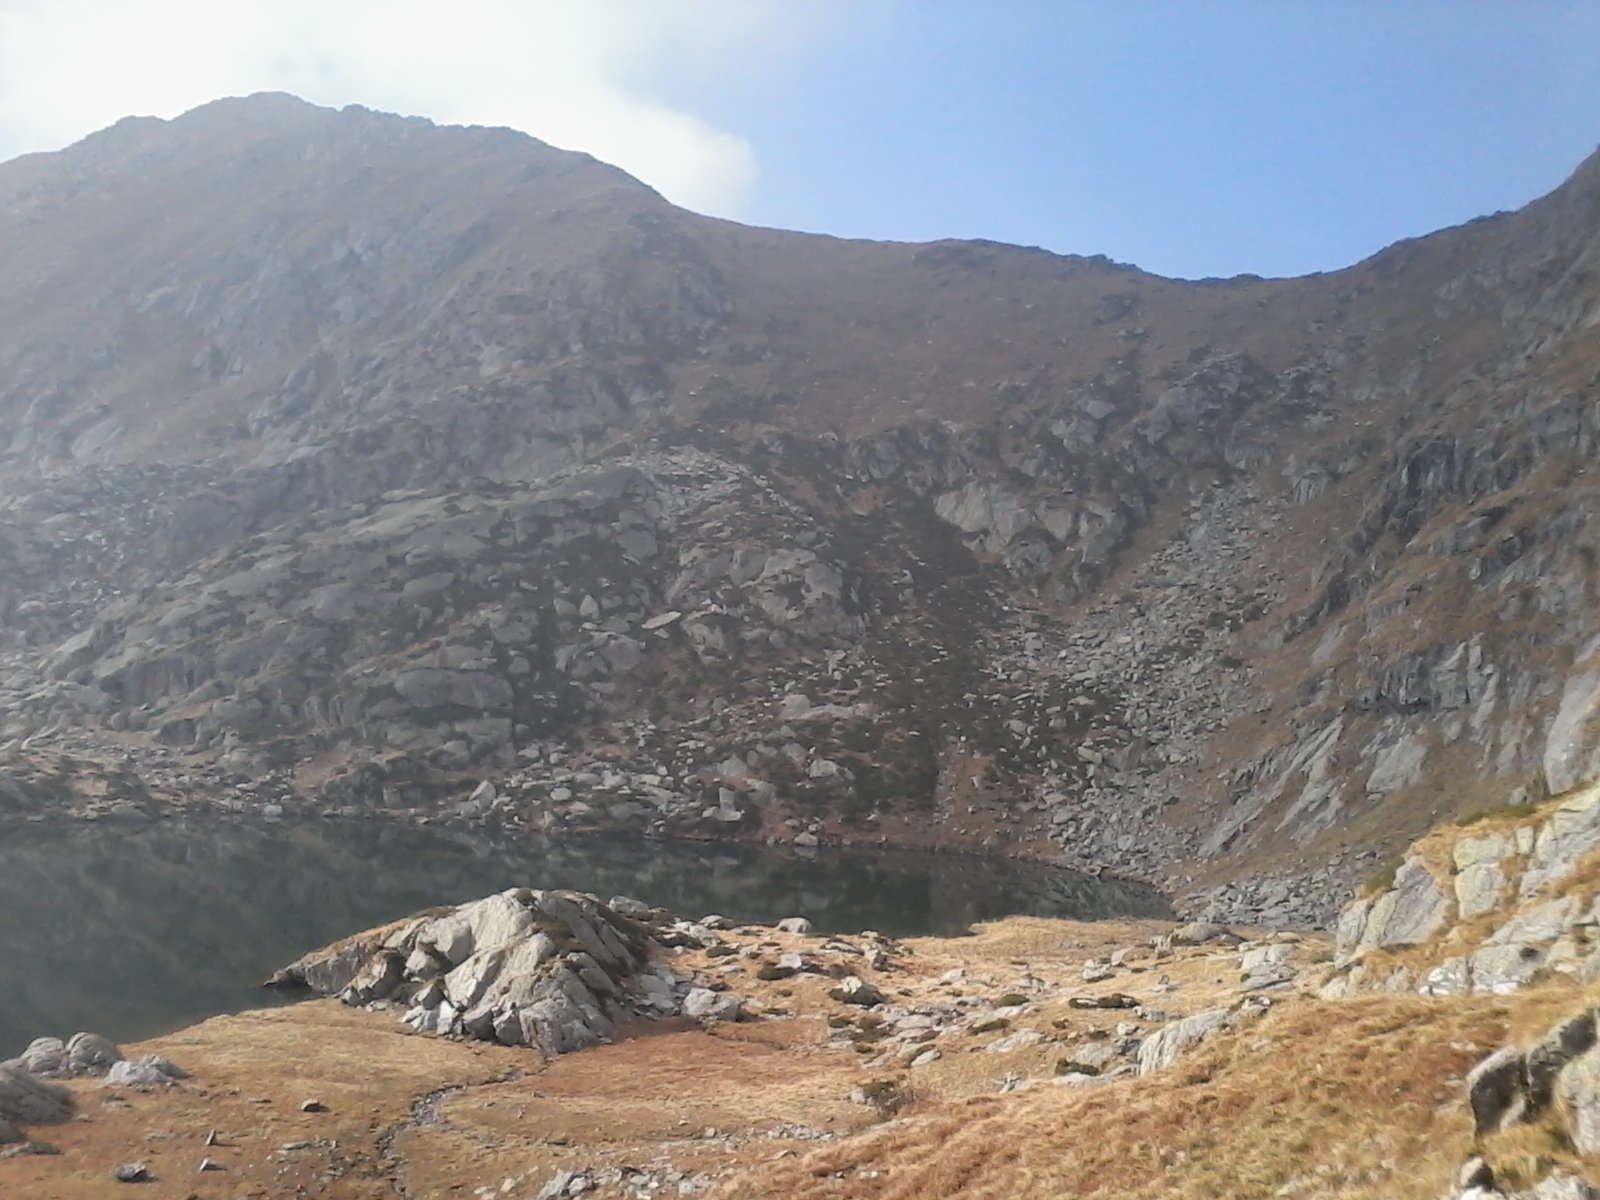 Dal Terzo Lago di Canaussa: a sinistra la vetta del Monte Canaussa, a destra la sella del Colle di Bora Freida.